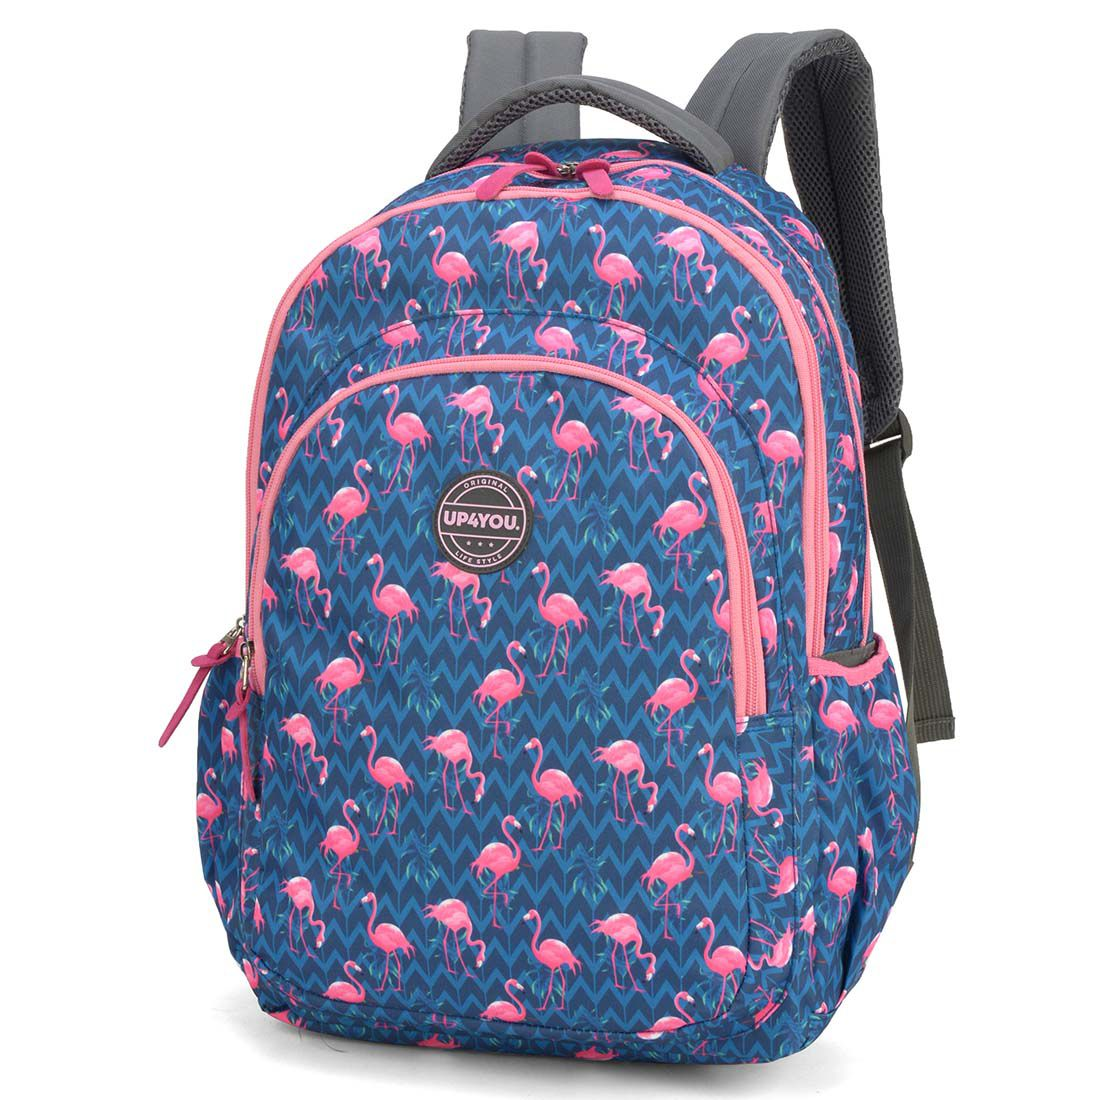 Mochila Para Notebook Up4you Flamingo MJ48659UP